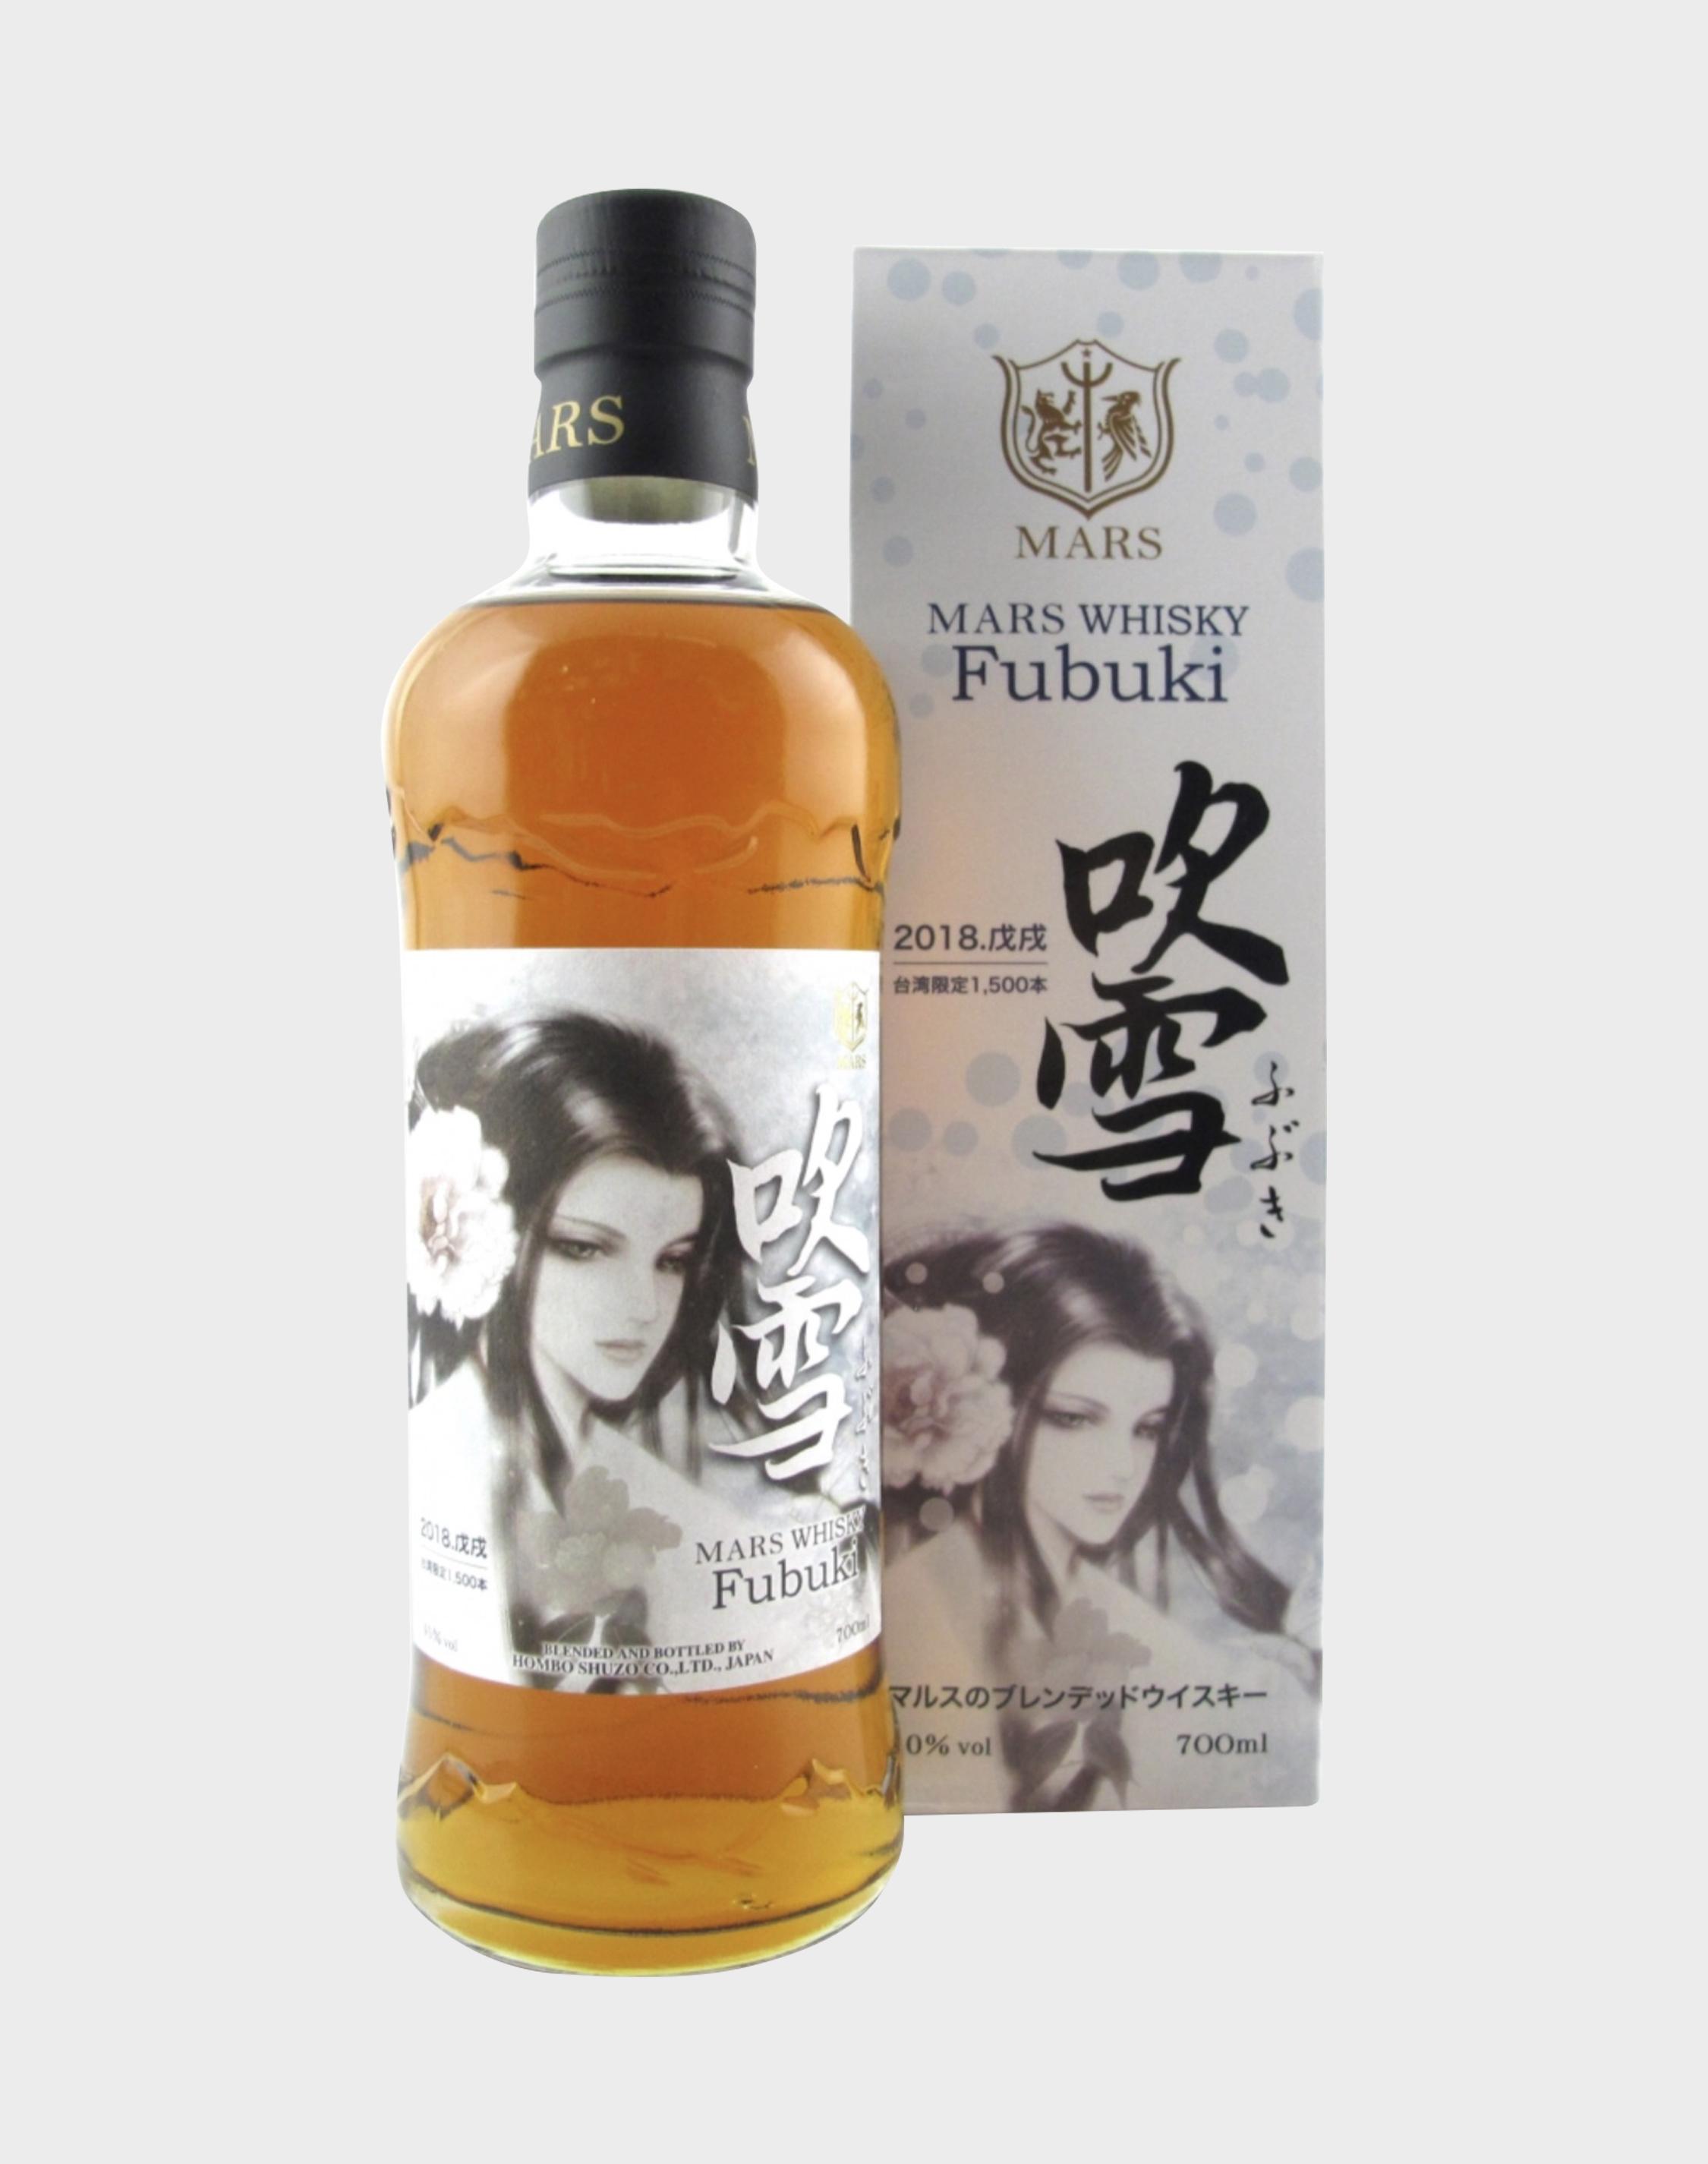 Mars Whisky Fubuki 2018